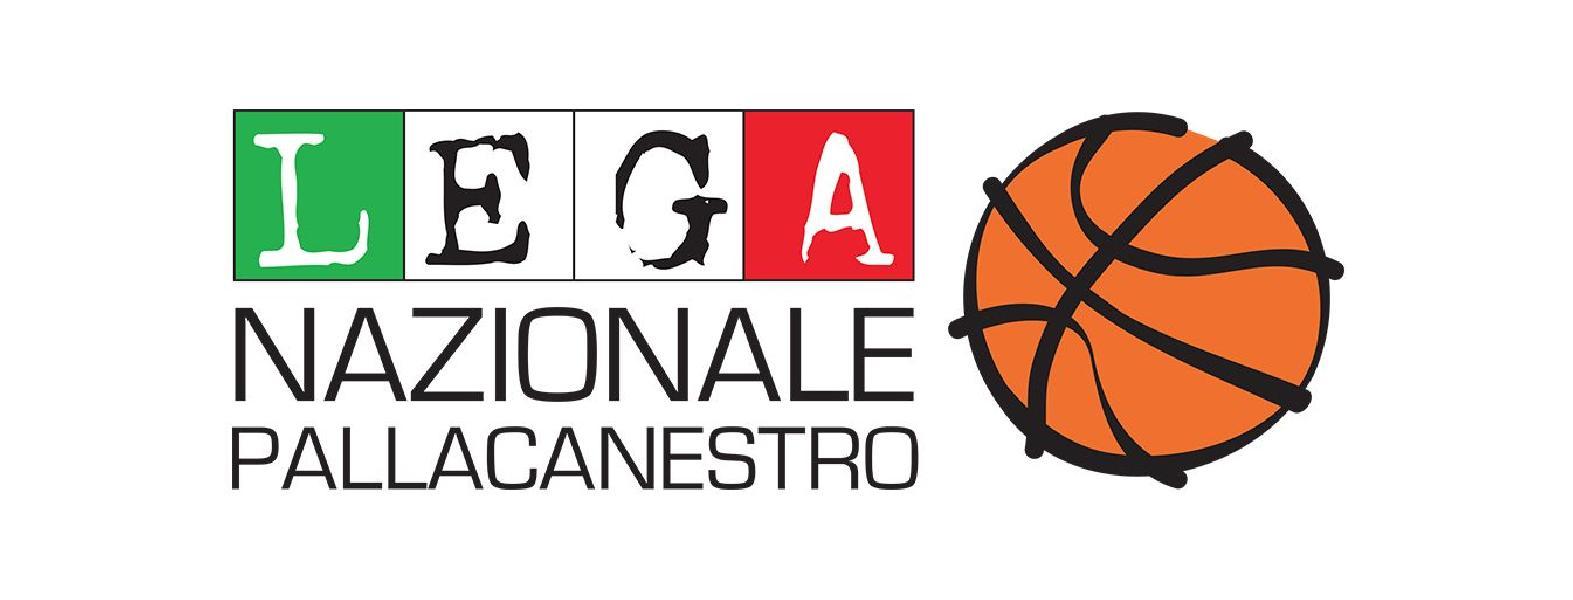 https://www.basketmarche.it/immagini_articoli/23-12-2018/severo-imbattuto-pescara-ottava-fila-bene-fabriano-ancona-senigallia-600.jpg